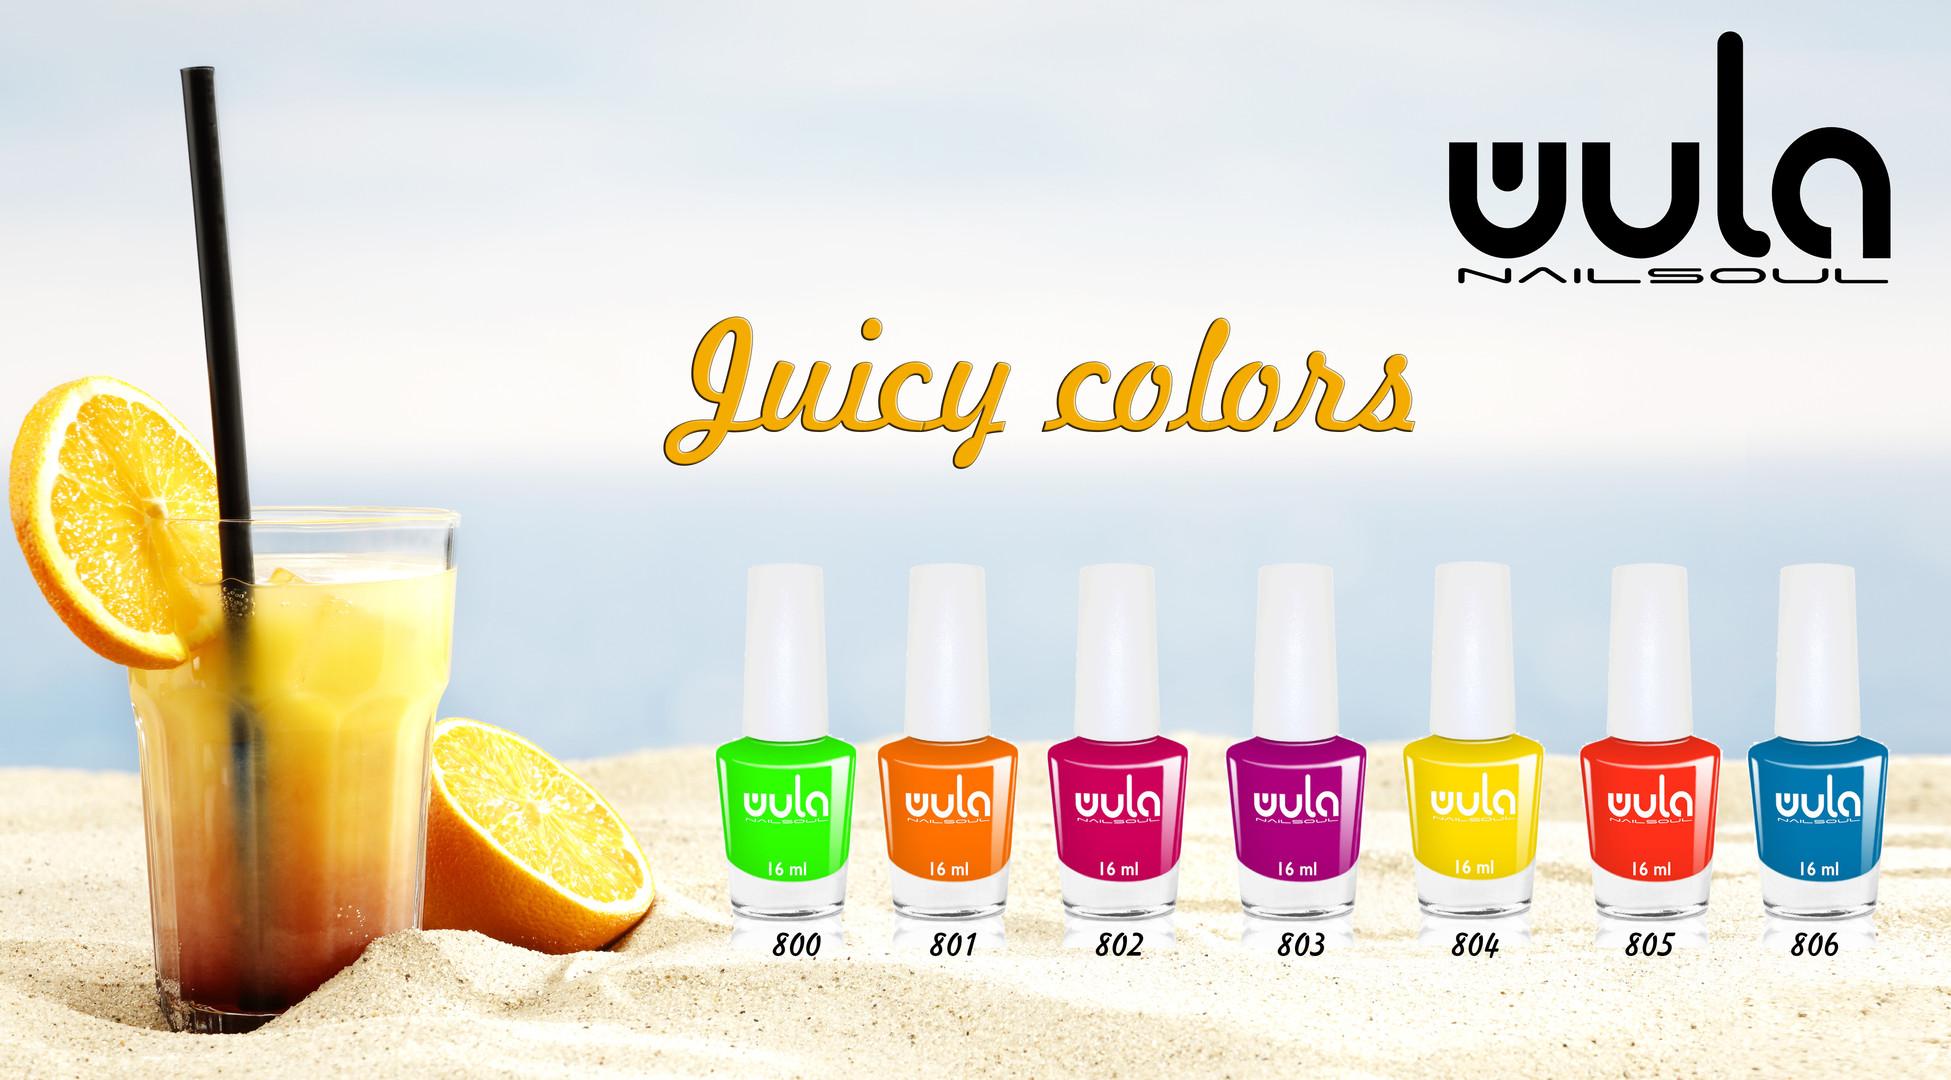 juicy colors.jpg